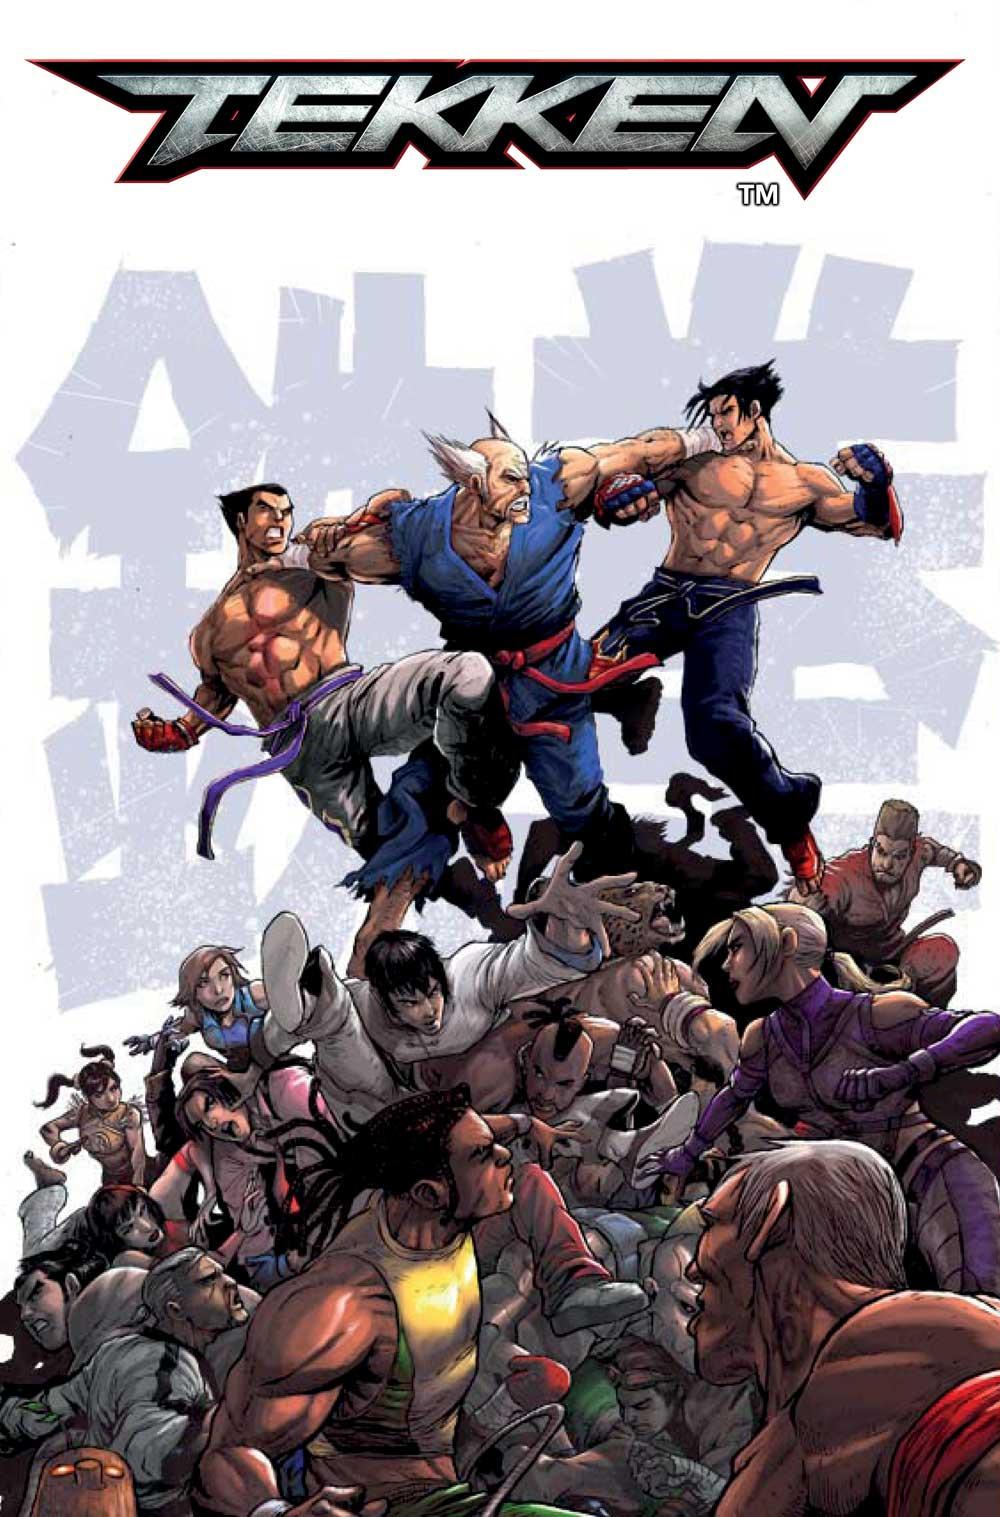 Tekken_01_COVER_B_ANDIE_TONG.jpg